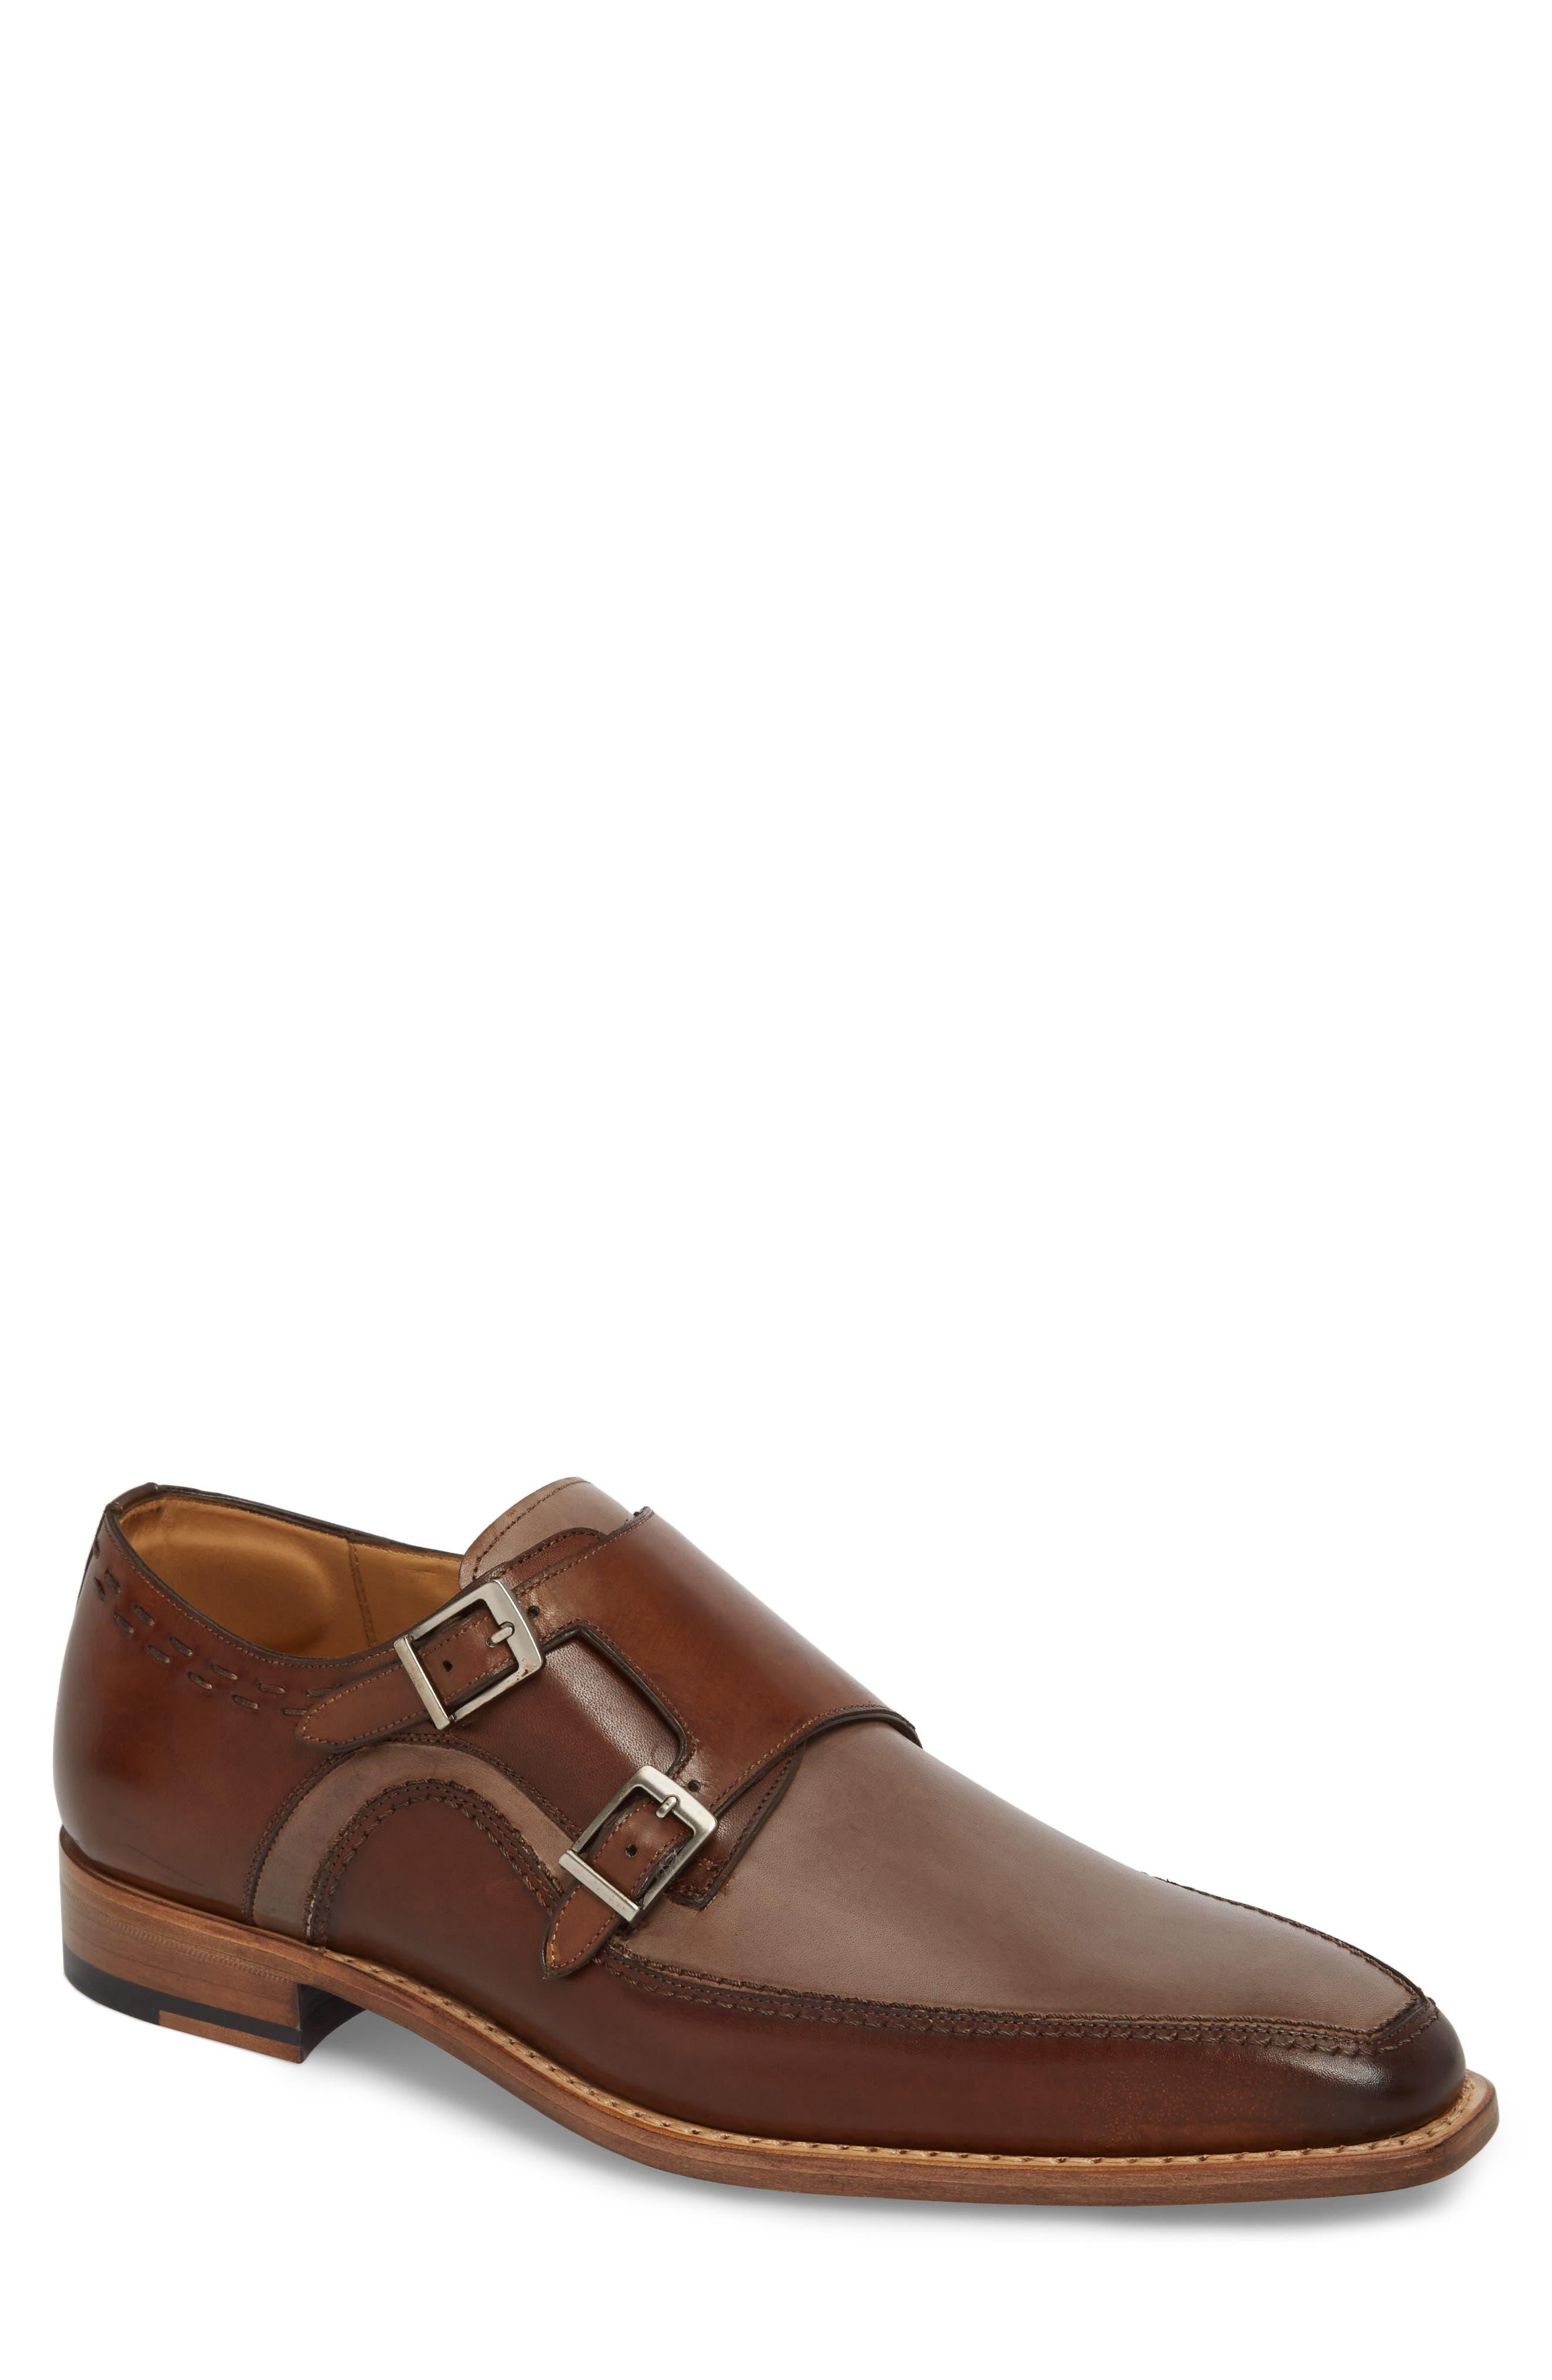 Magno Double Monk Strap Shoe,                         Main,                         color, 208